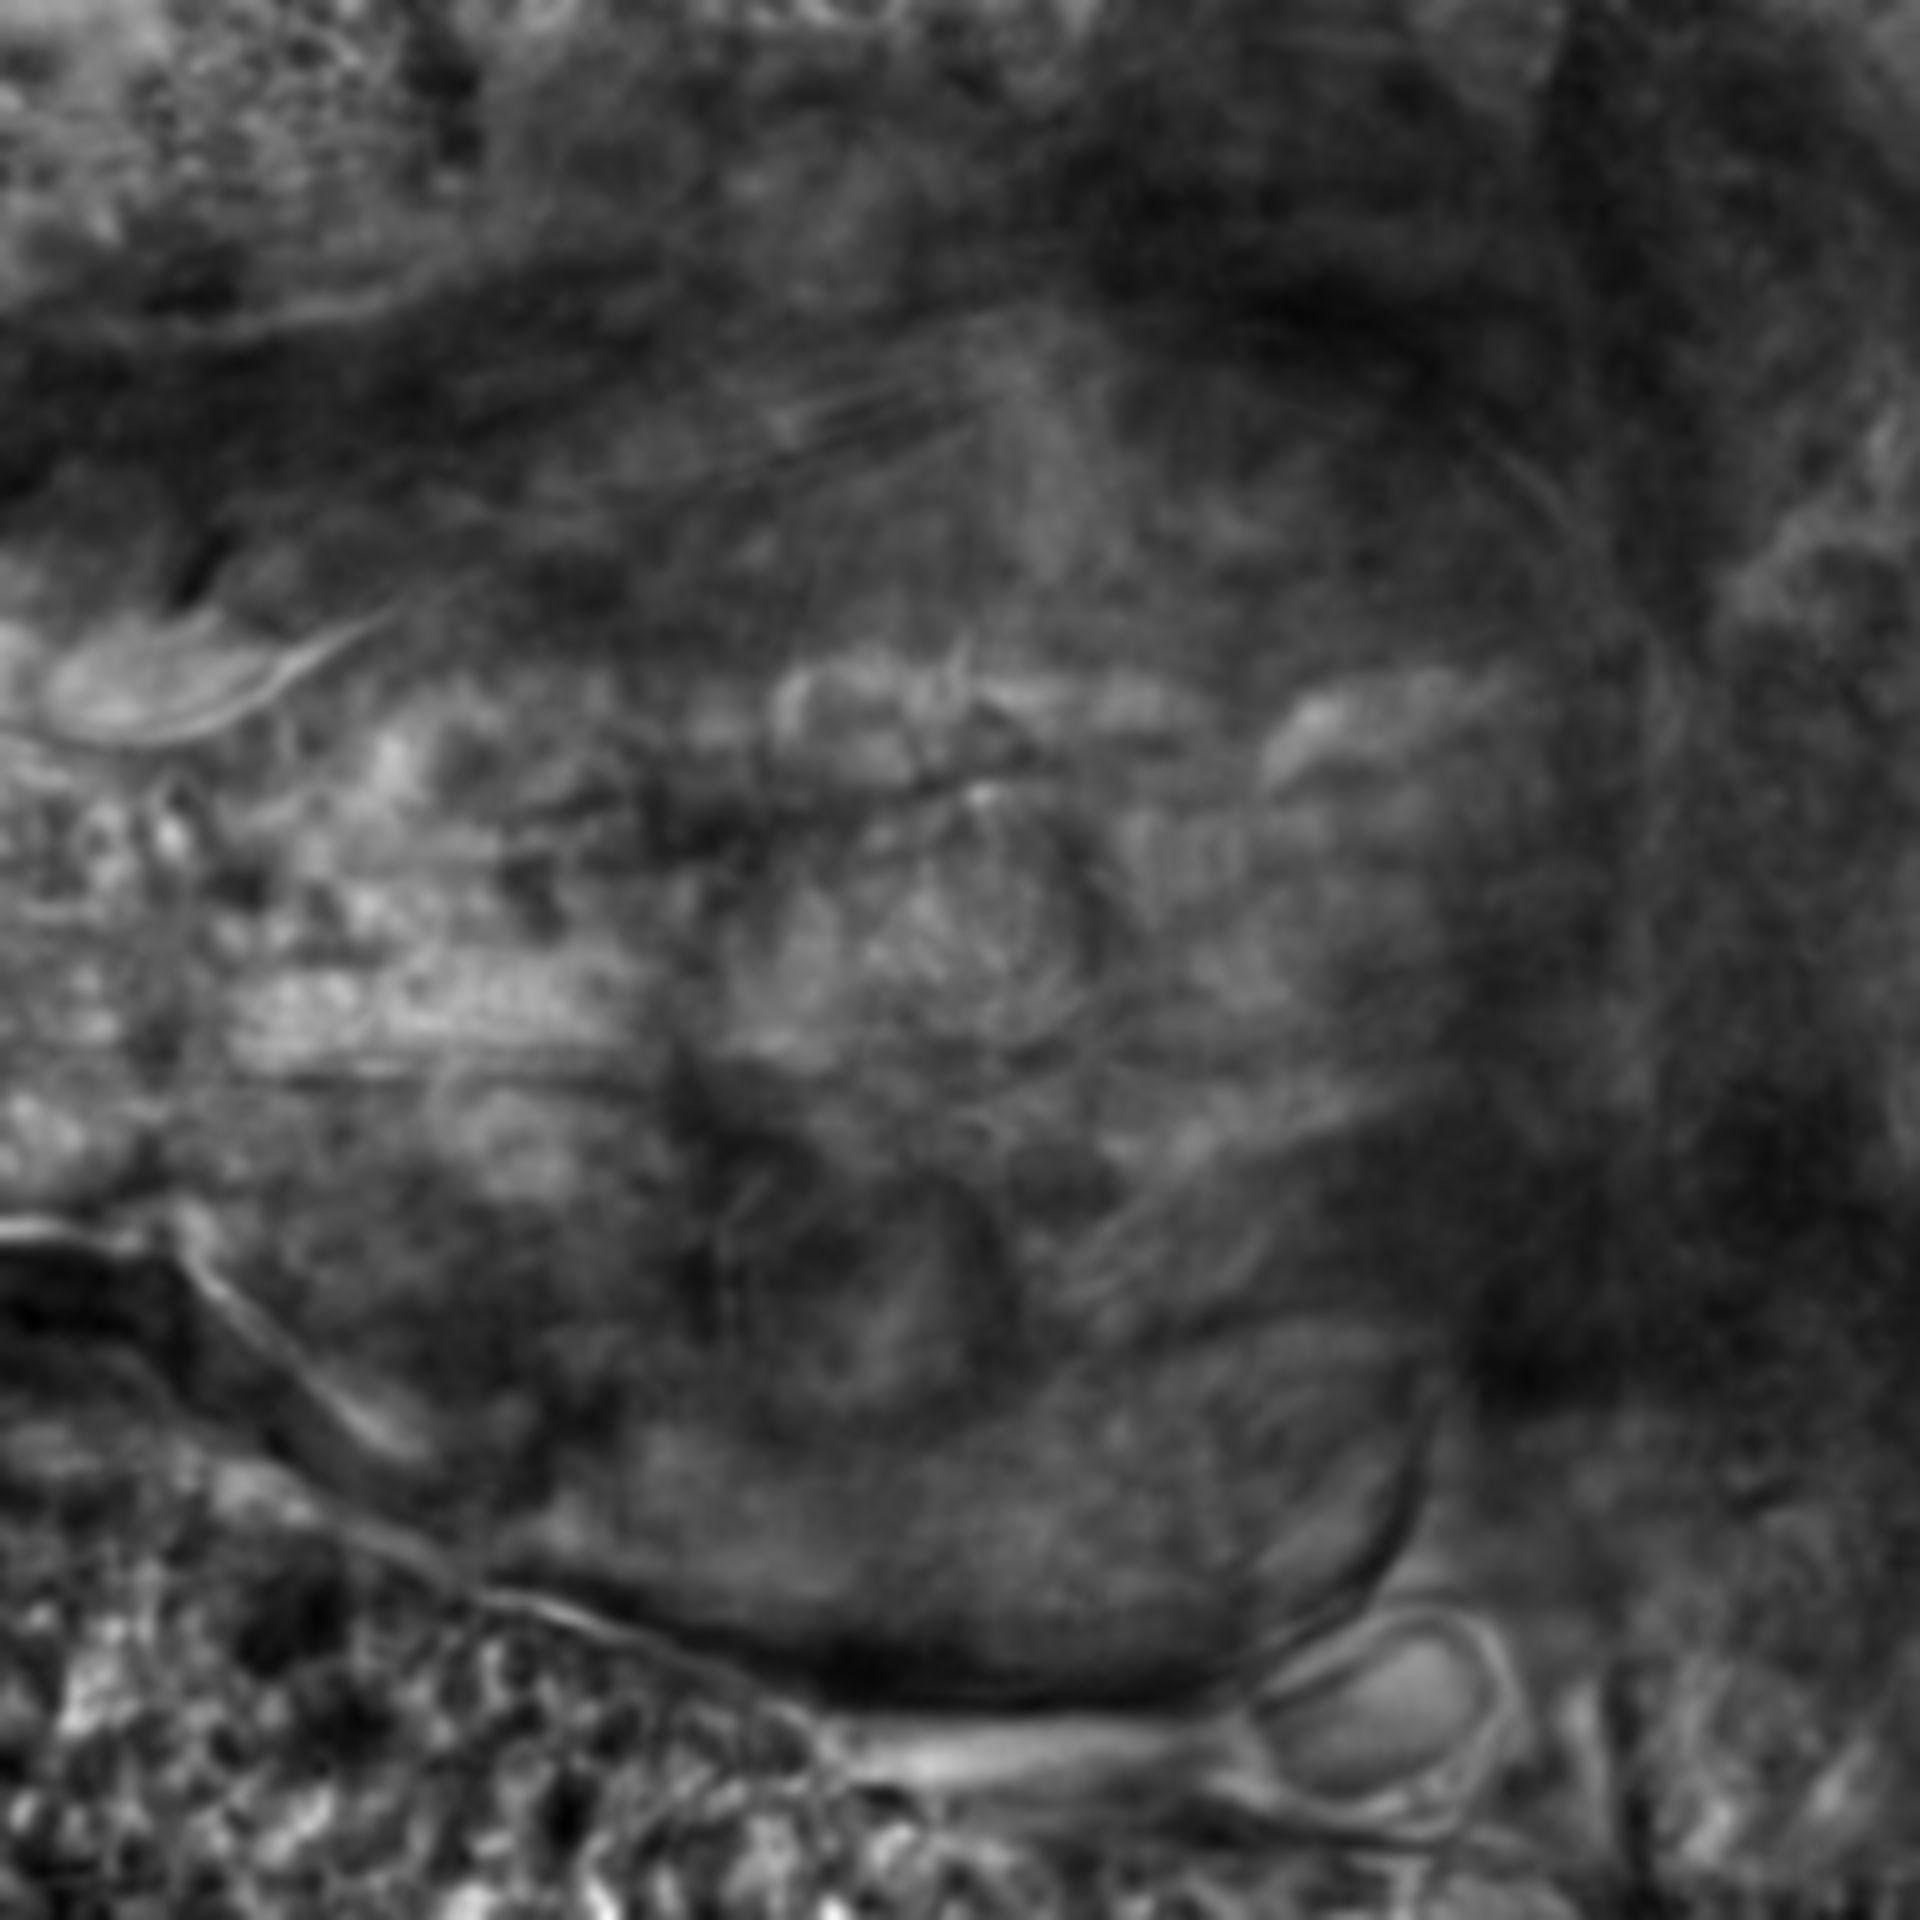 Caenorhabditis elegans - CIL:2833